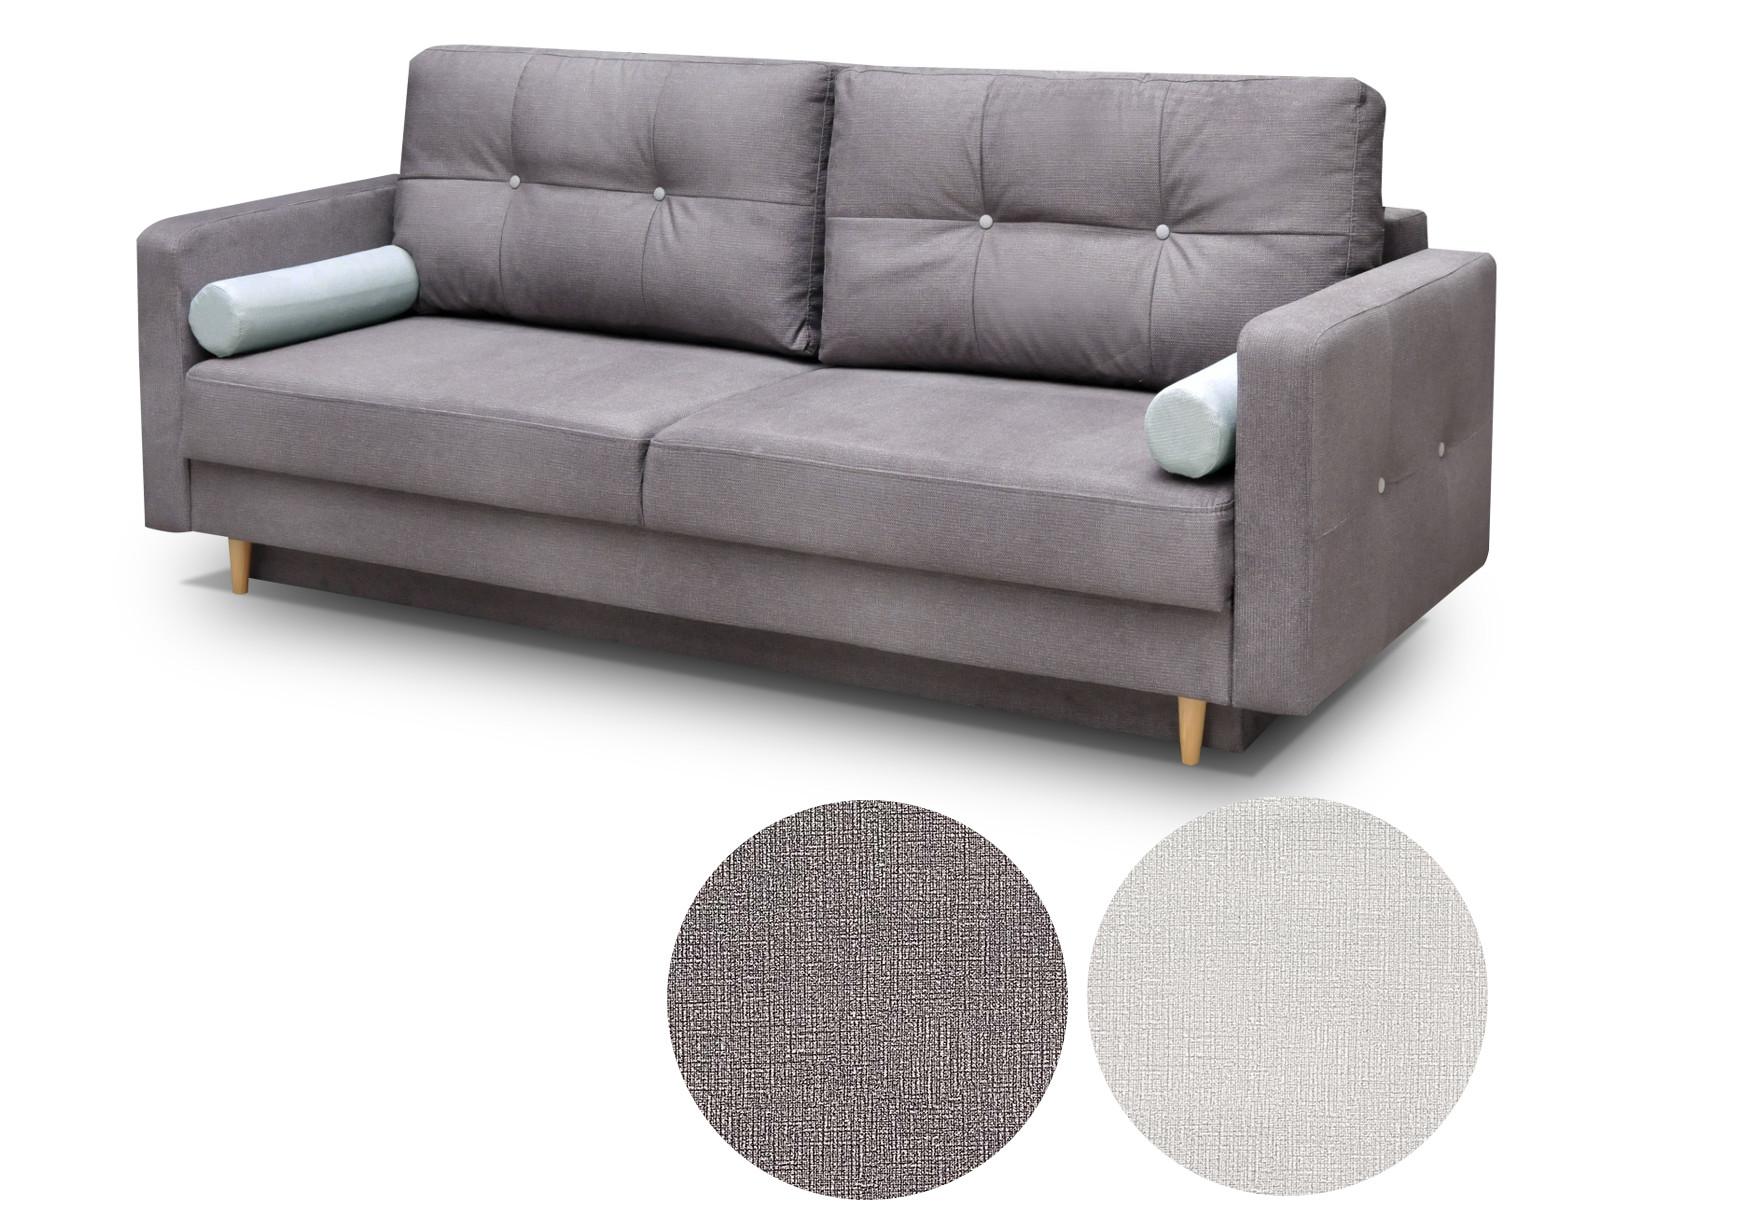 Couch mit Schlaffunktion Sofa Schlafsofa Wohnzimmercouch Bettsofa  NEWARK  eBay